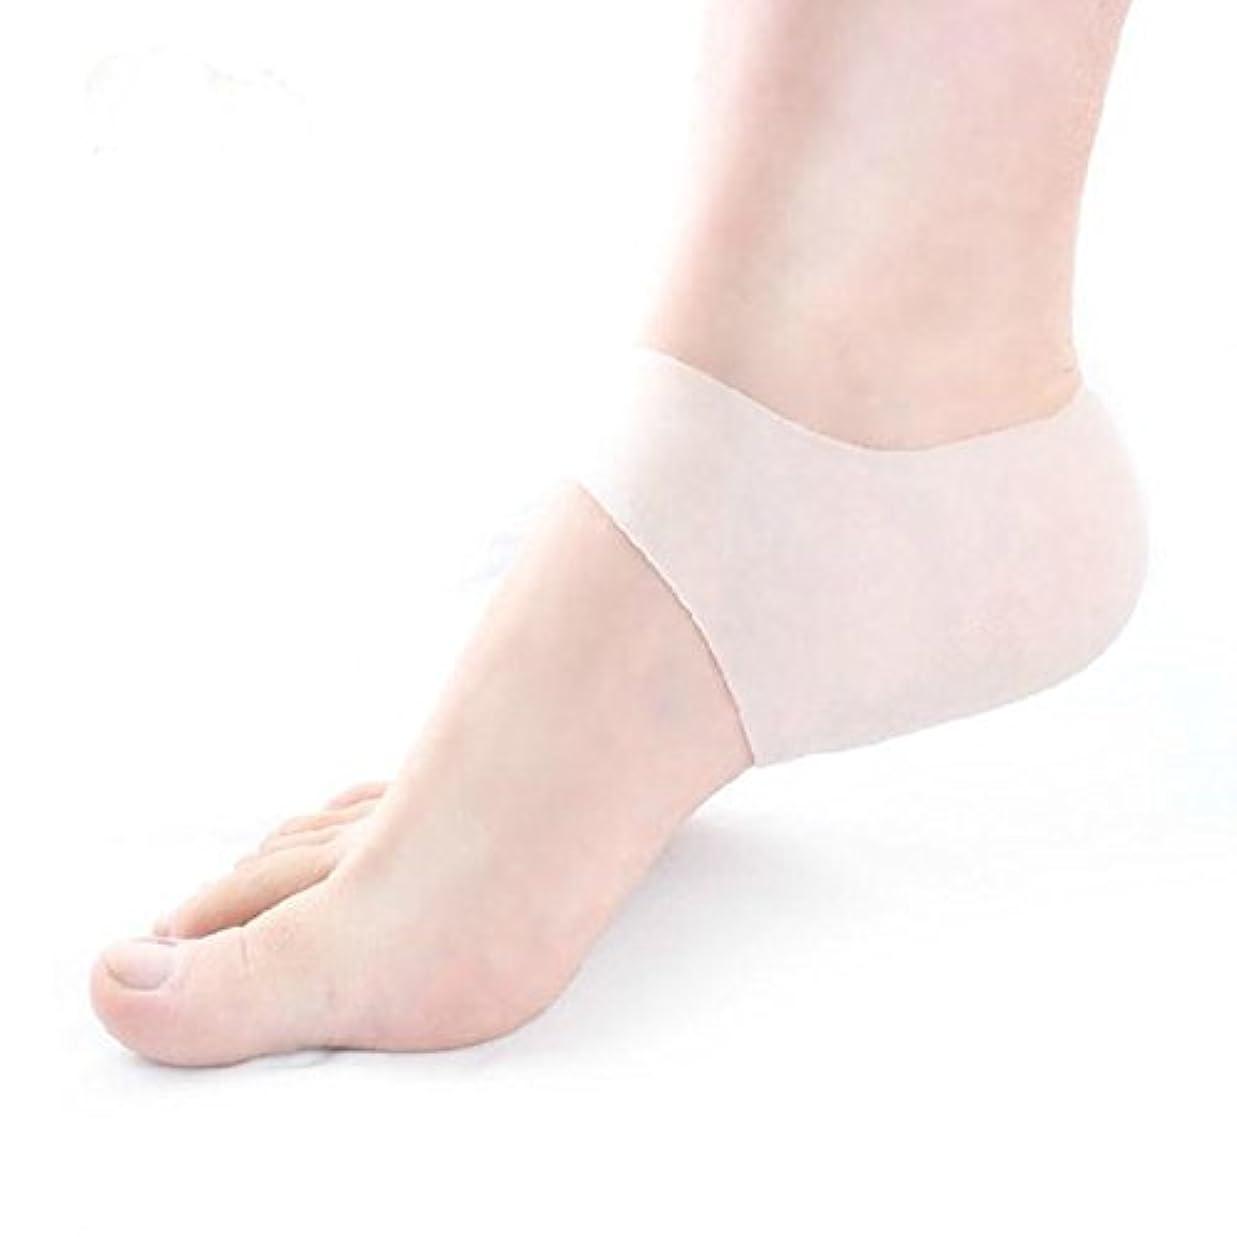 換気するベックス意外ACHICOO 保護クッション 皮膚 軟化 グレード シリコーンゲルヒールの袖 足根筋膜炎 痛み緩和 1つペア White